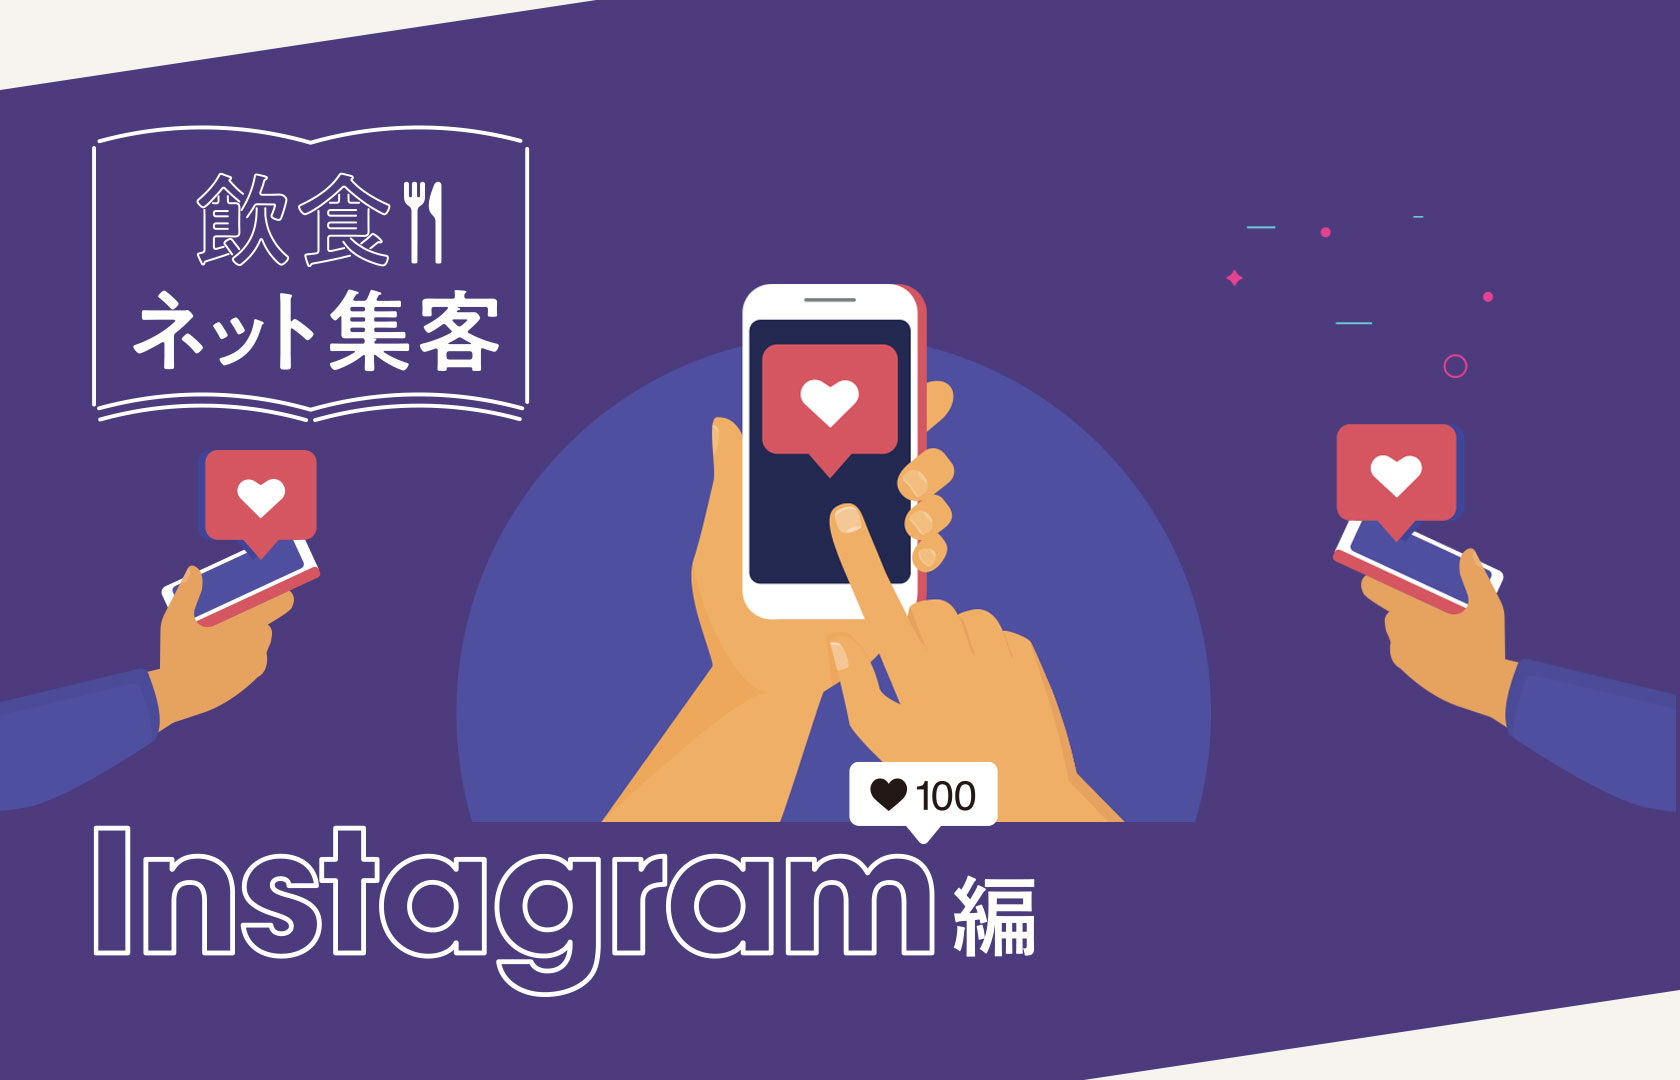 飲食ネット集客 Instagram編